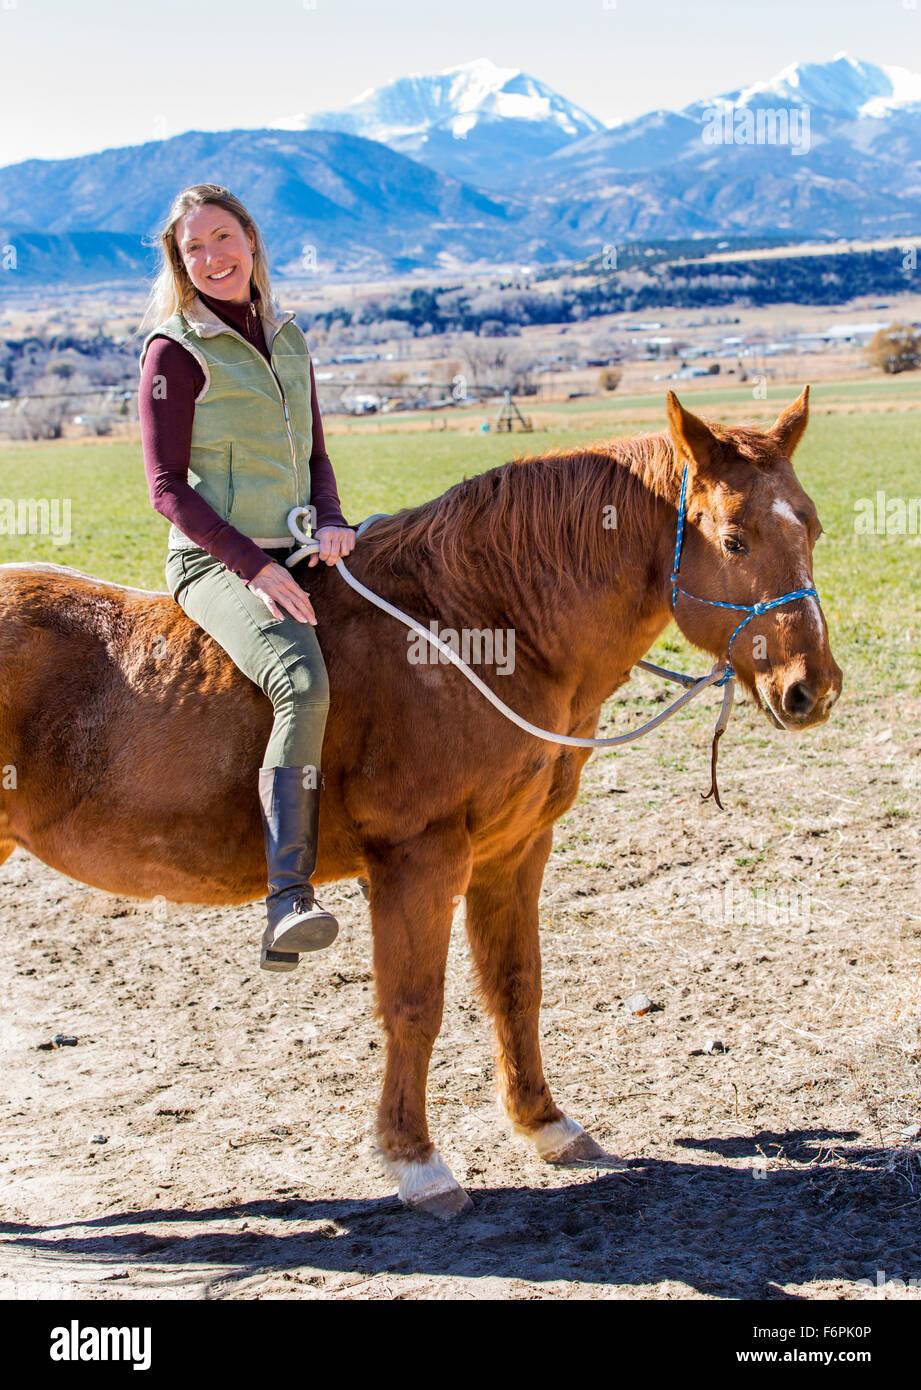 Woman Riding Horse Stock Photos & Woman Riding Horse Stock